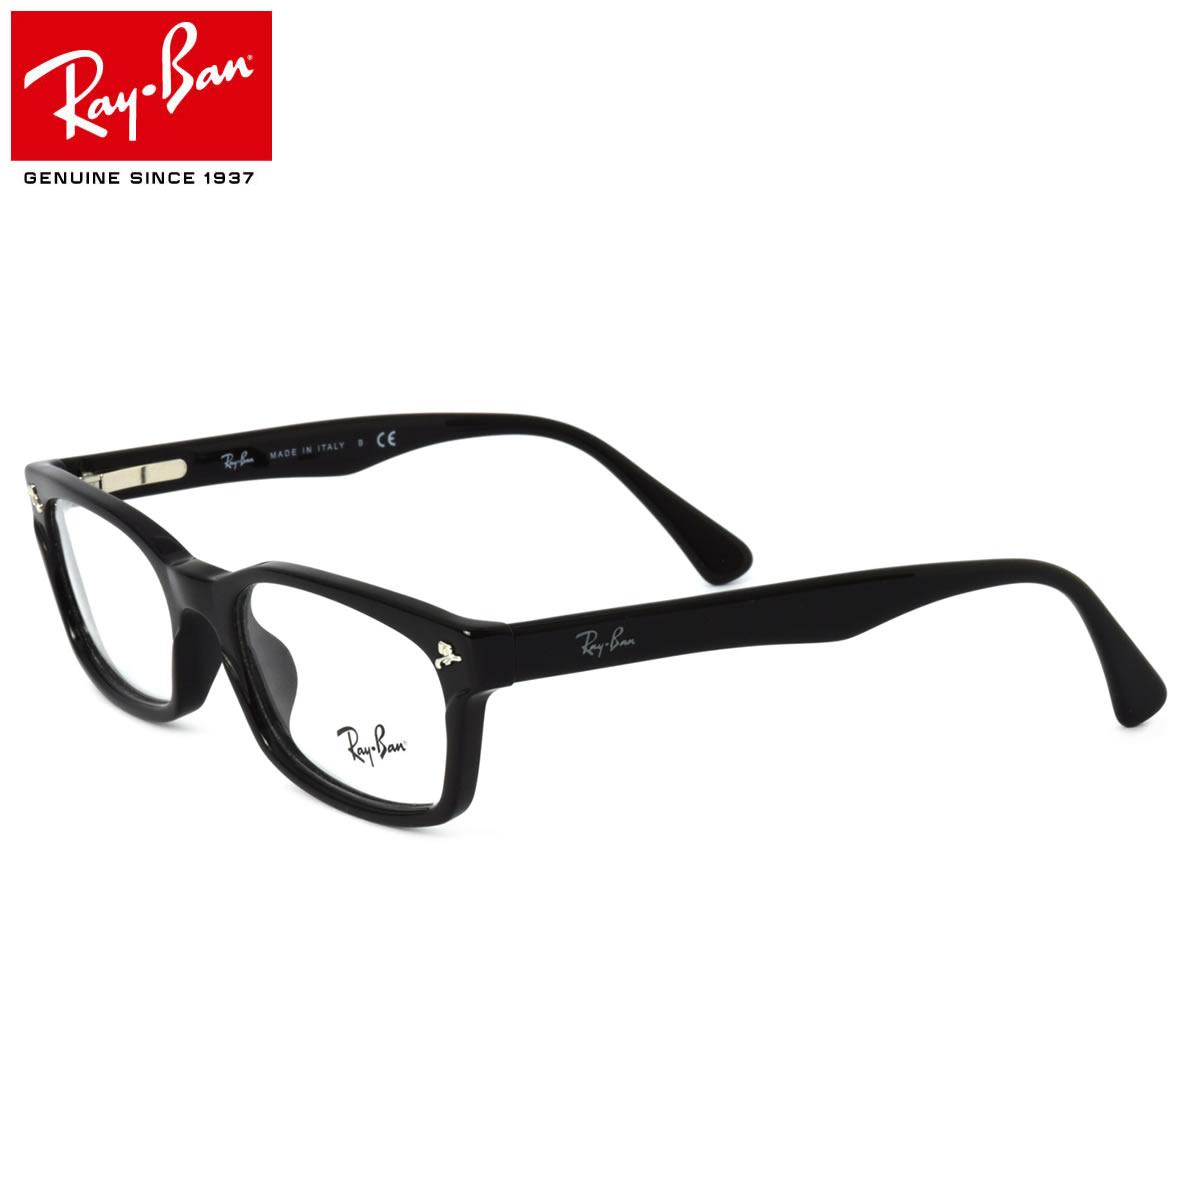 ほぼ全品ポイント15倍~最大34倍+2倍! Ray-Ban レイバン メガネRX5017A 2000 ITALY 52サイズRX5017A イタリア製 MADE IN ITALY 黒縁 バネ丁番レイバン RayBan メンズ レディース